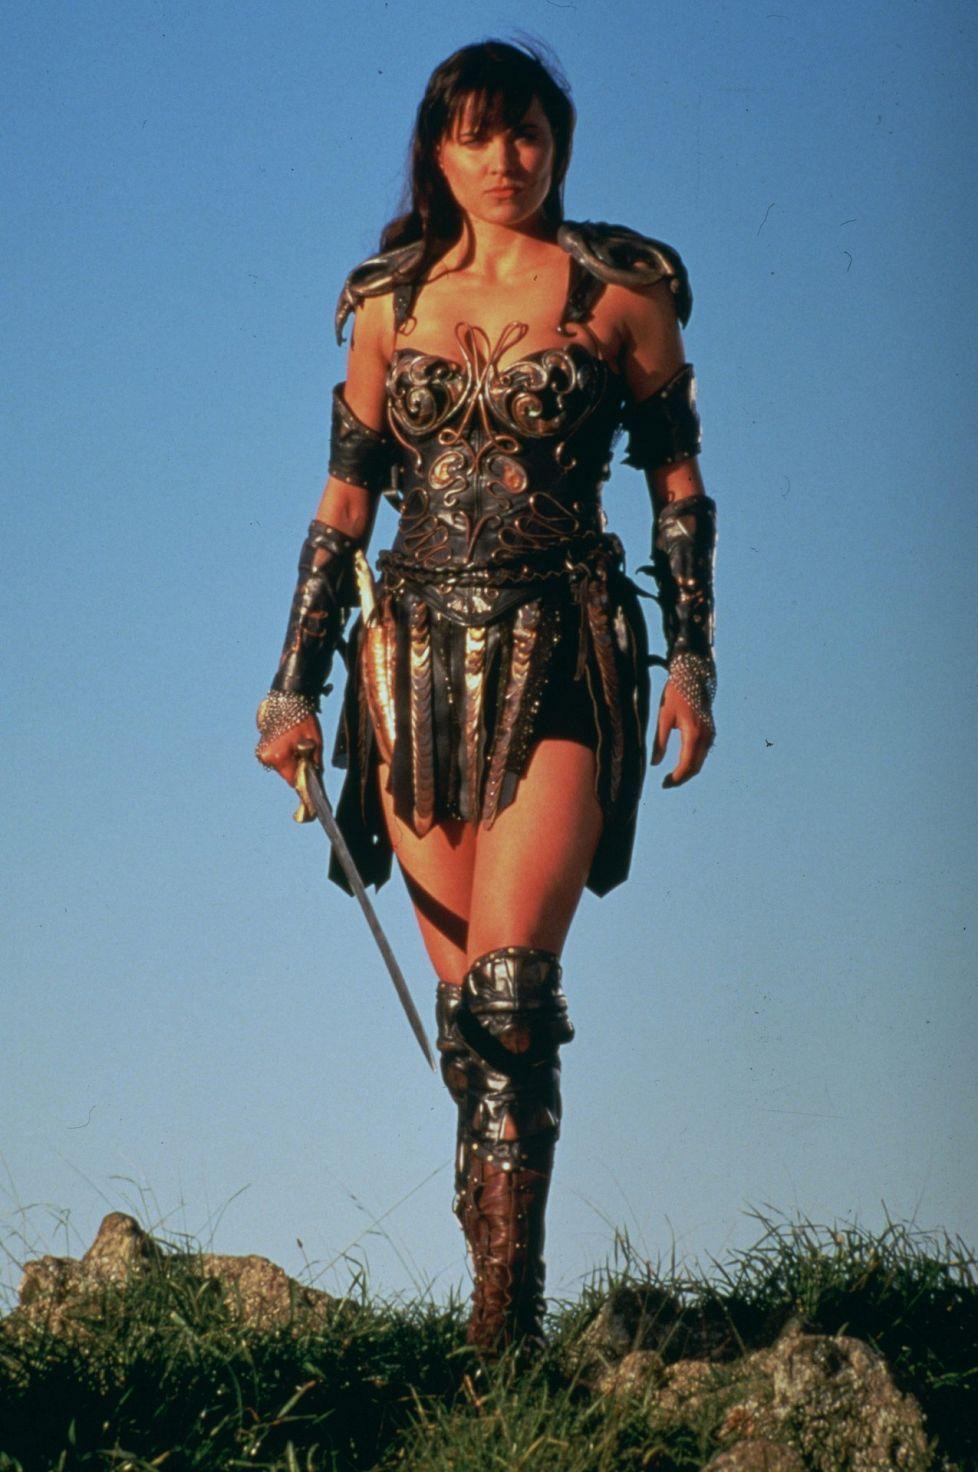 Lucy Lawless - Xena / Uskoisitko samaksi viettelijäksi? Näin vuodet ovat kohdelleet soturiprinsessa Xenaa - Viihde - Ilta-Sanomat